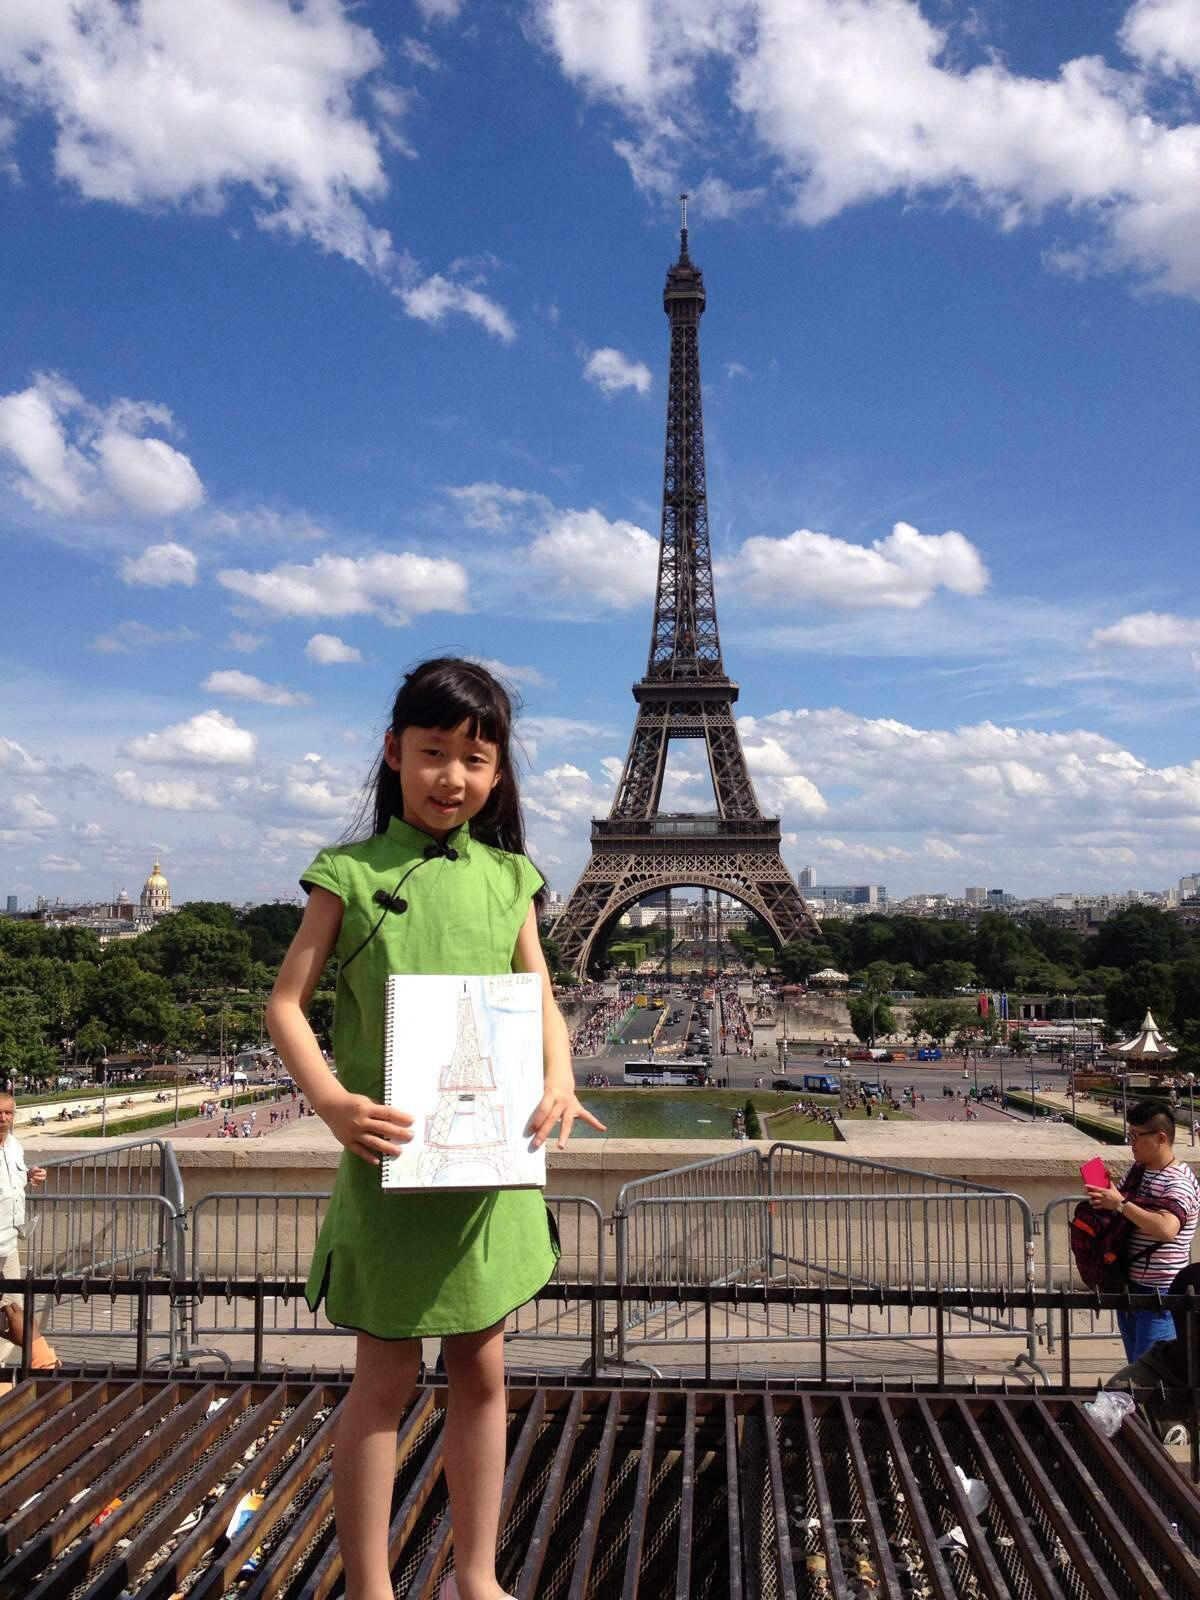 巴黎!我画埃菲尔铁塔